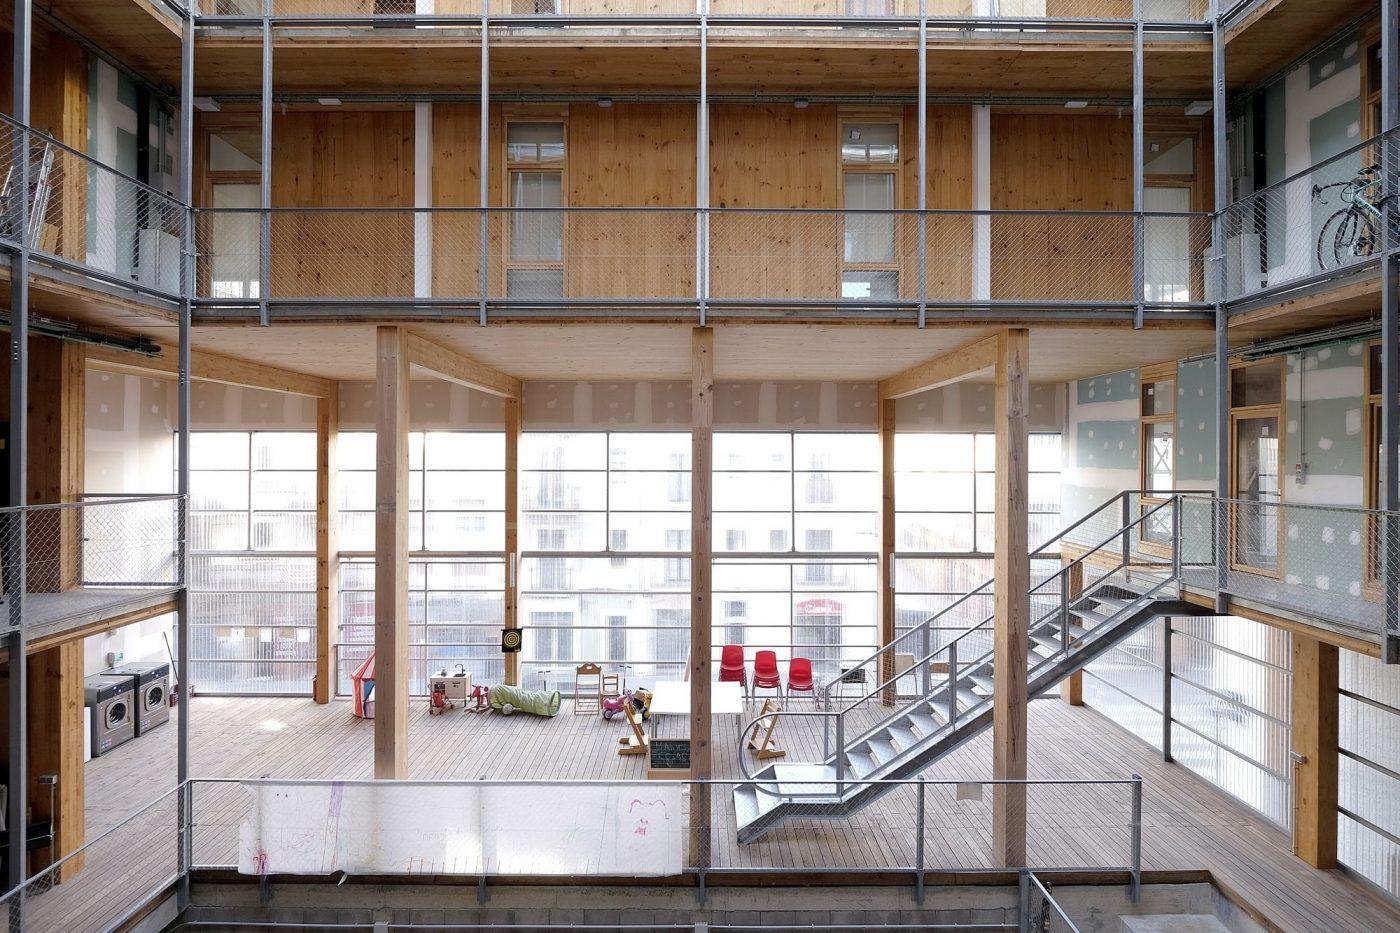 El edificio en madera más alto de España recibe el premio BBConstrumat 2019 de Arquitectura